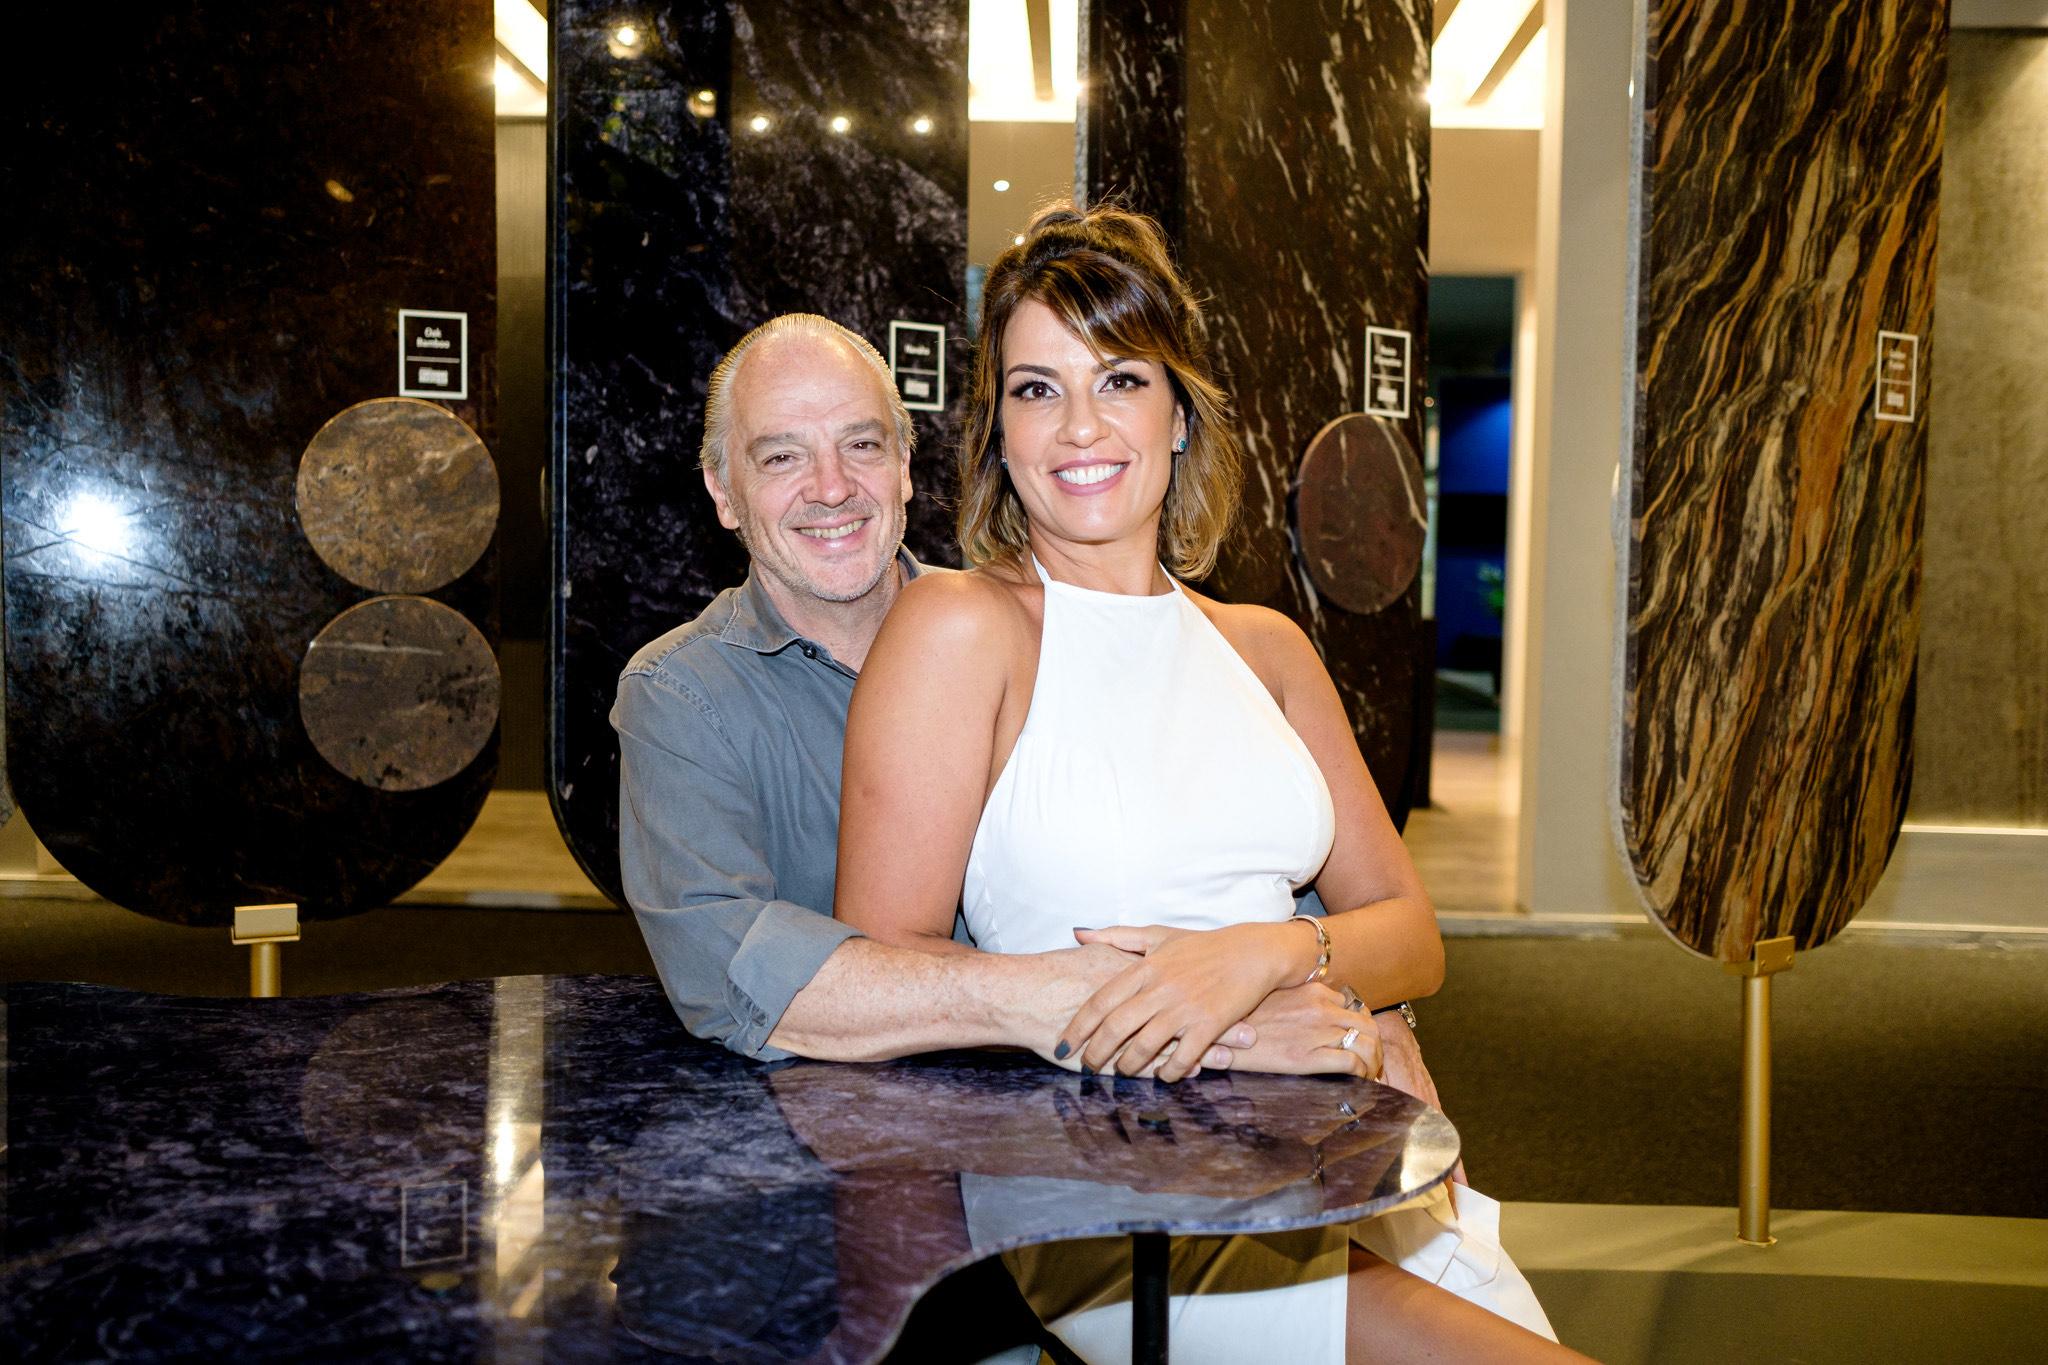 Raul Penteado e Renata Malenza na Feira de Mármore e Granito. Foto: Camilla Baptistin